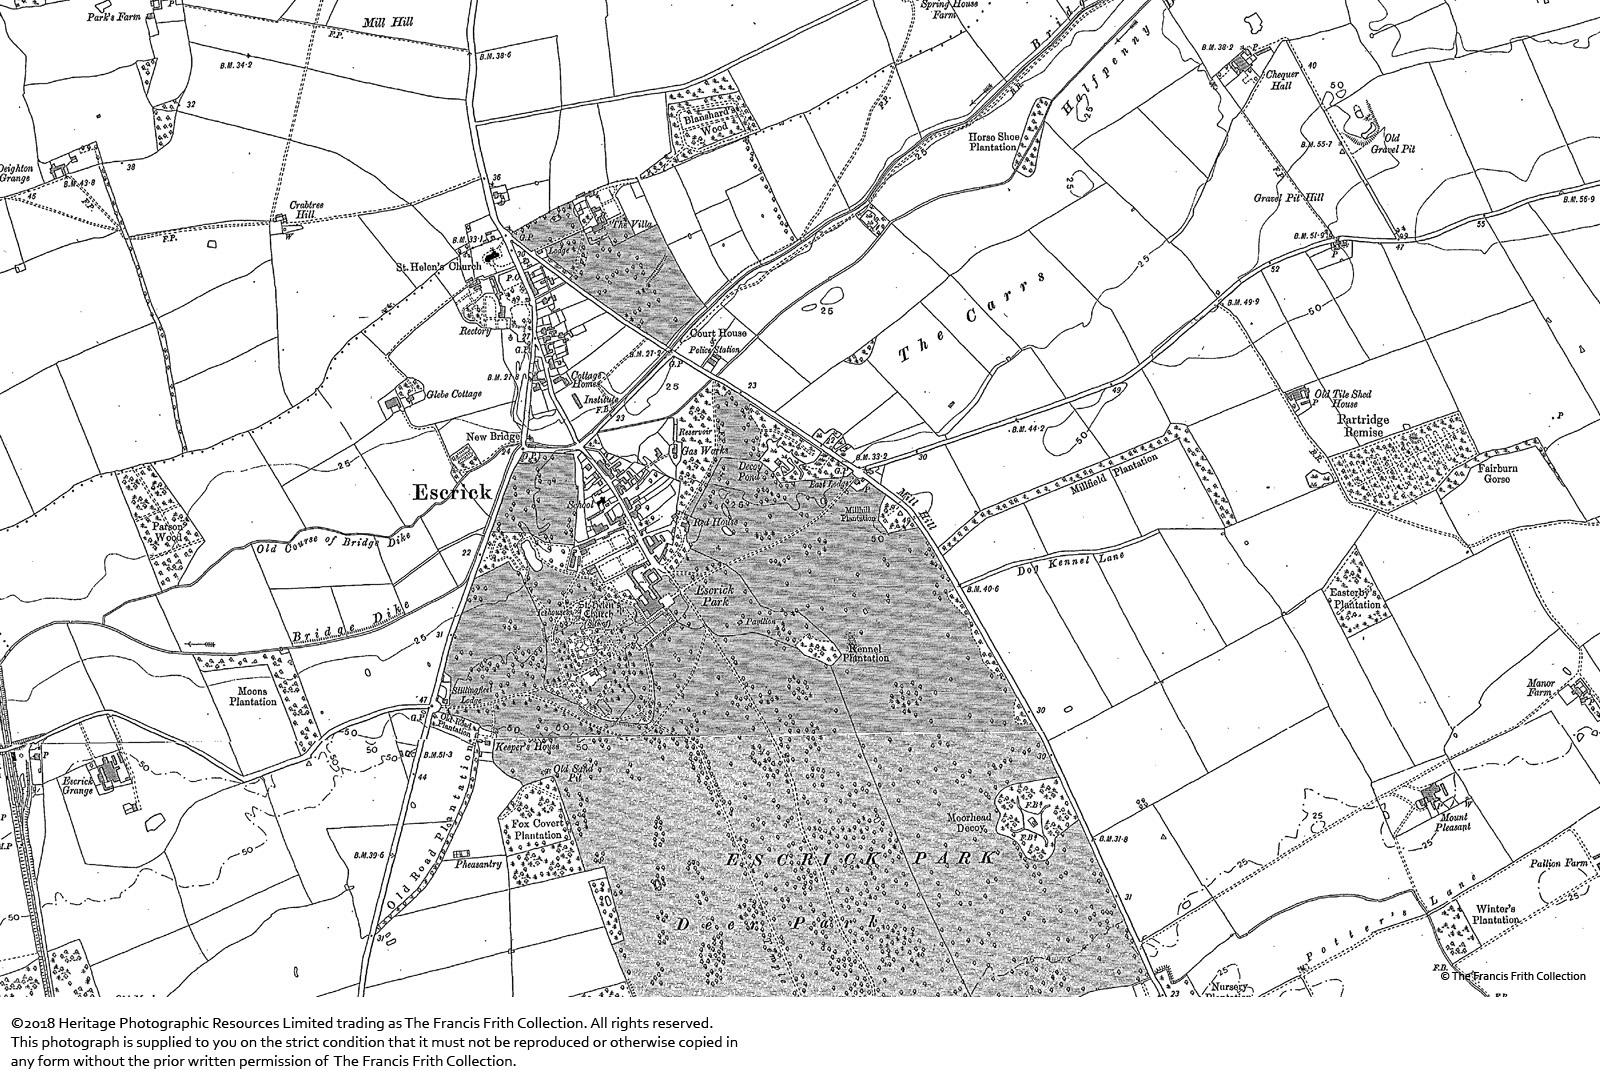 Map of Escrick, 1889-1890